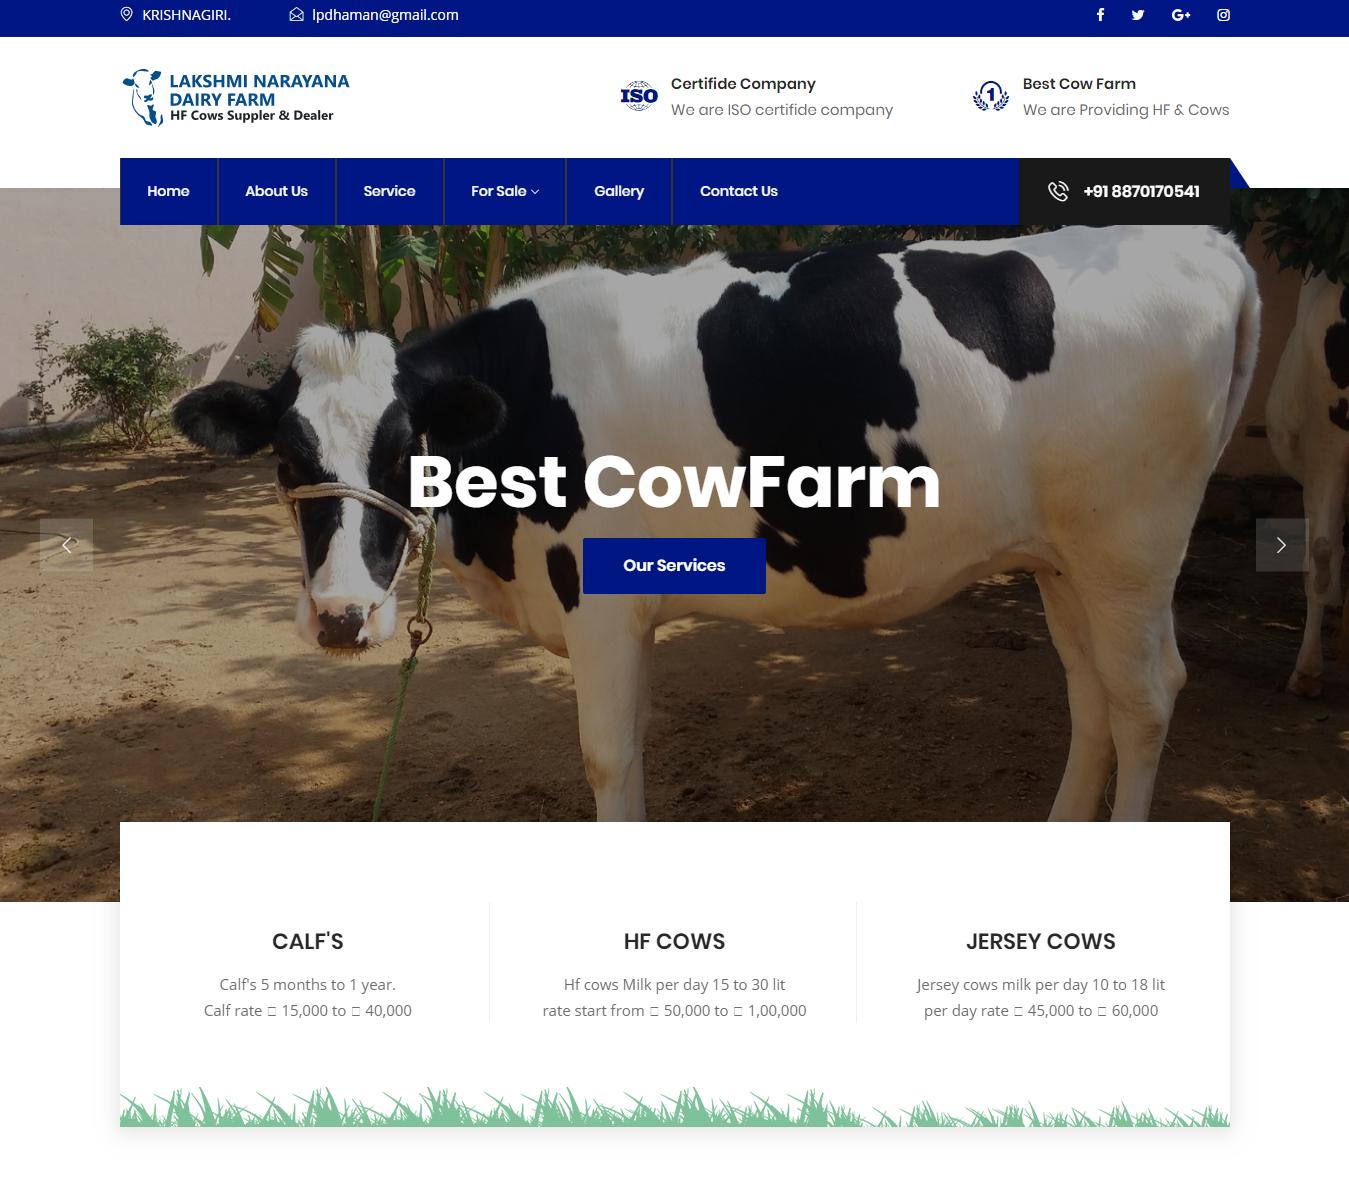 Lakshminarayana Dairy Farm